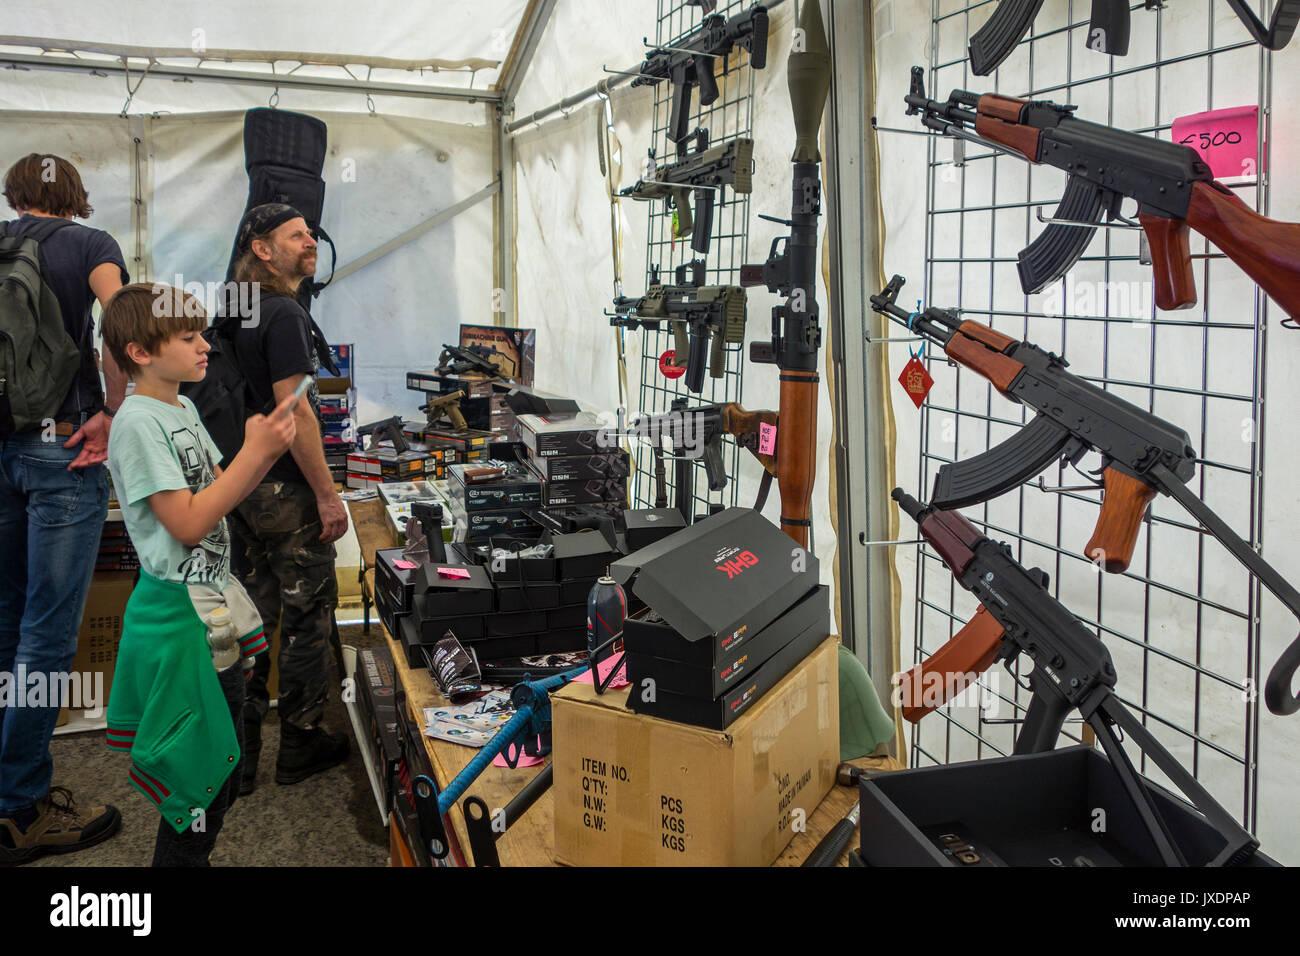 Bambino e per i visitatori in cerca di soffice come l'aria pistole per la vendita, replica armi progettate per assomigliare realisticamente genuine armi da fuoco alla fiera militaria Immagini Stock